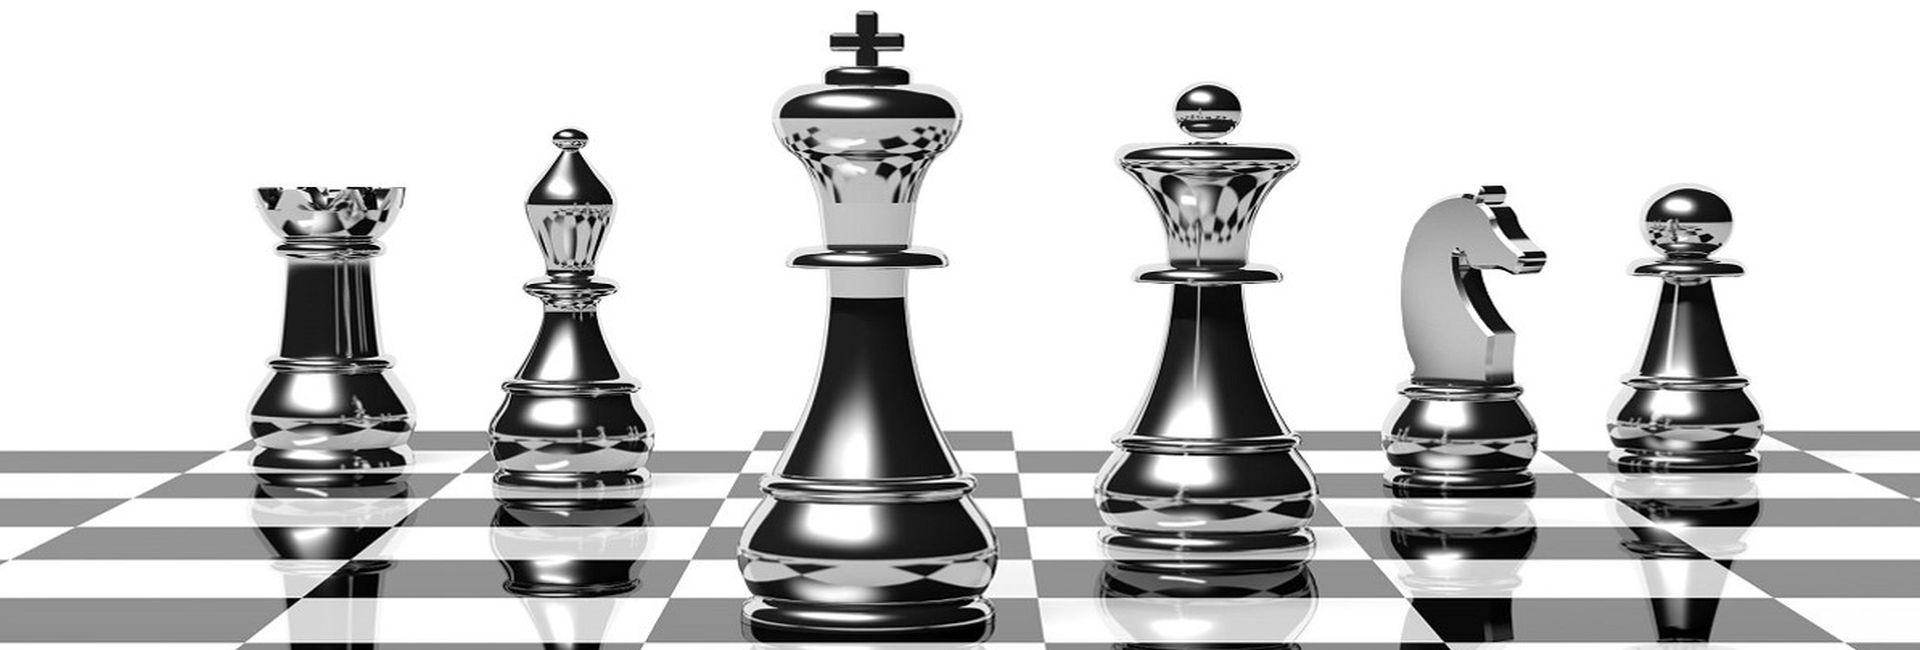 Impactul optimizării cheltuielilor organizaționale asupra investițiilor